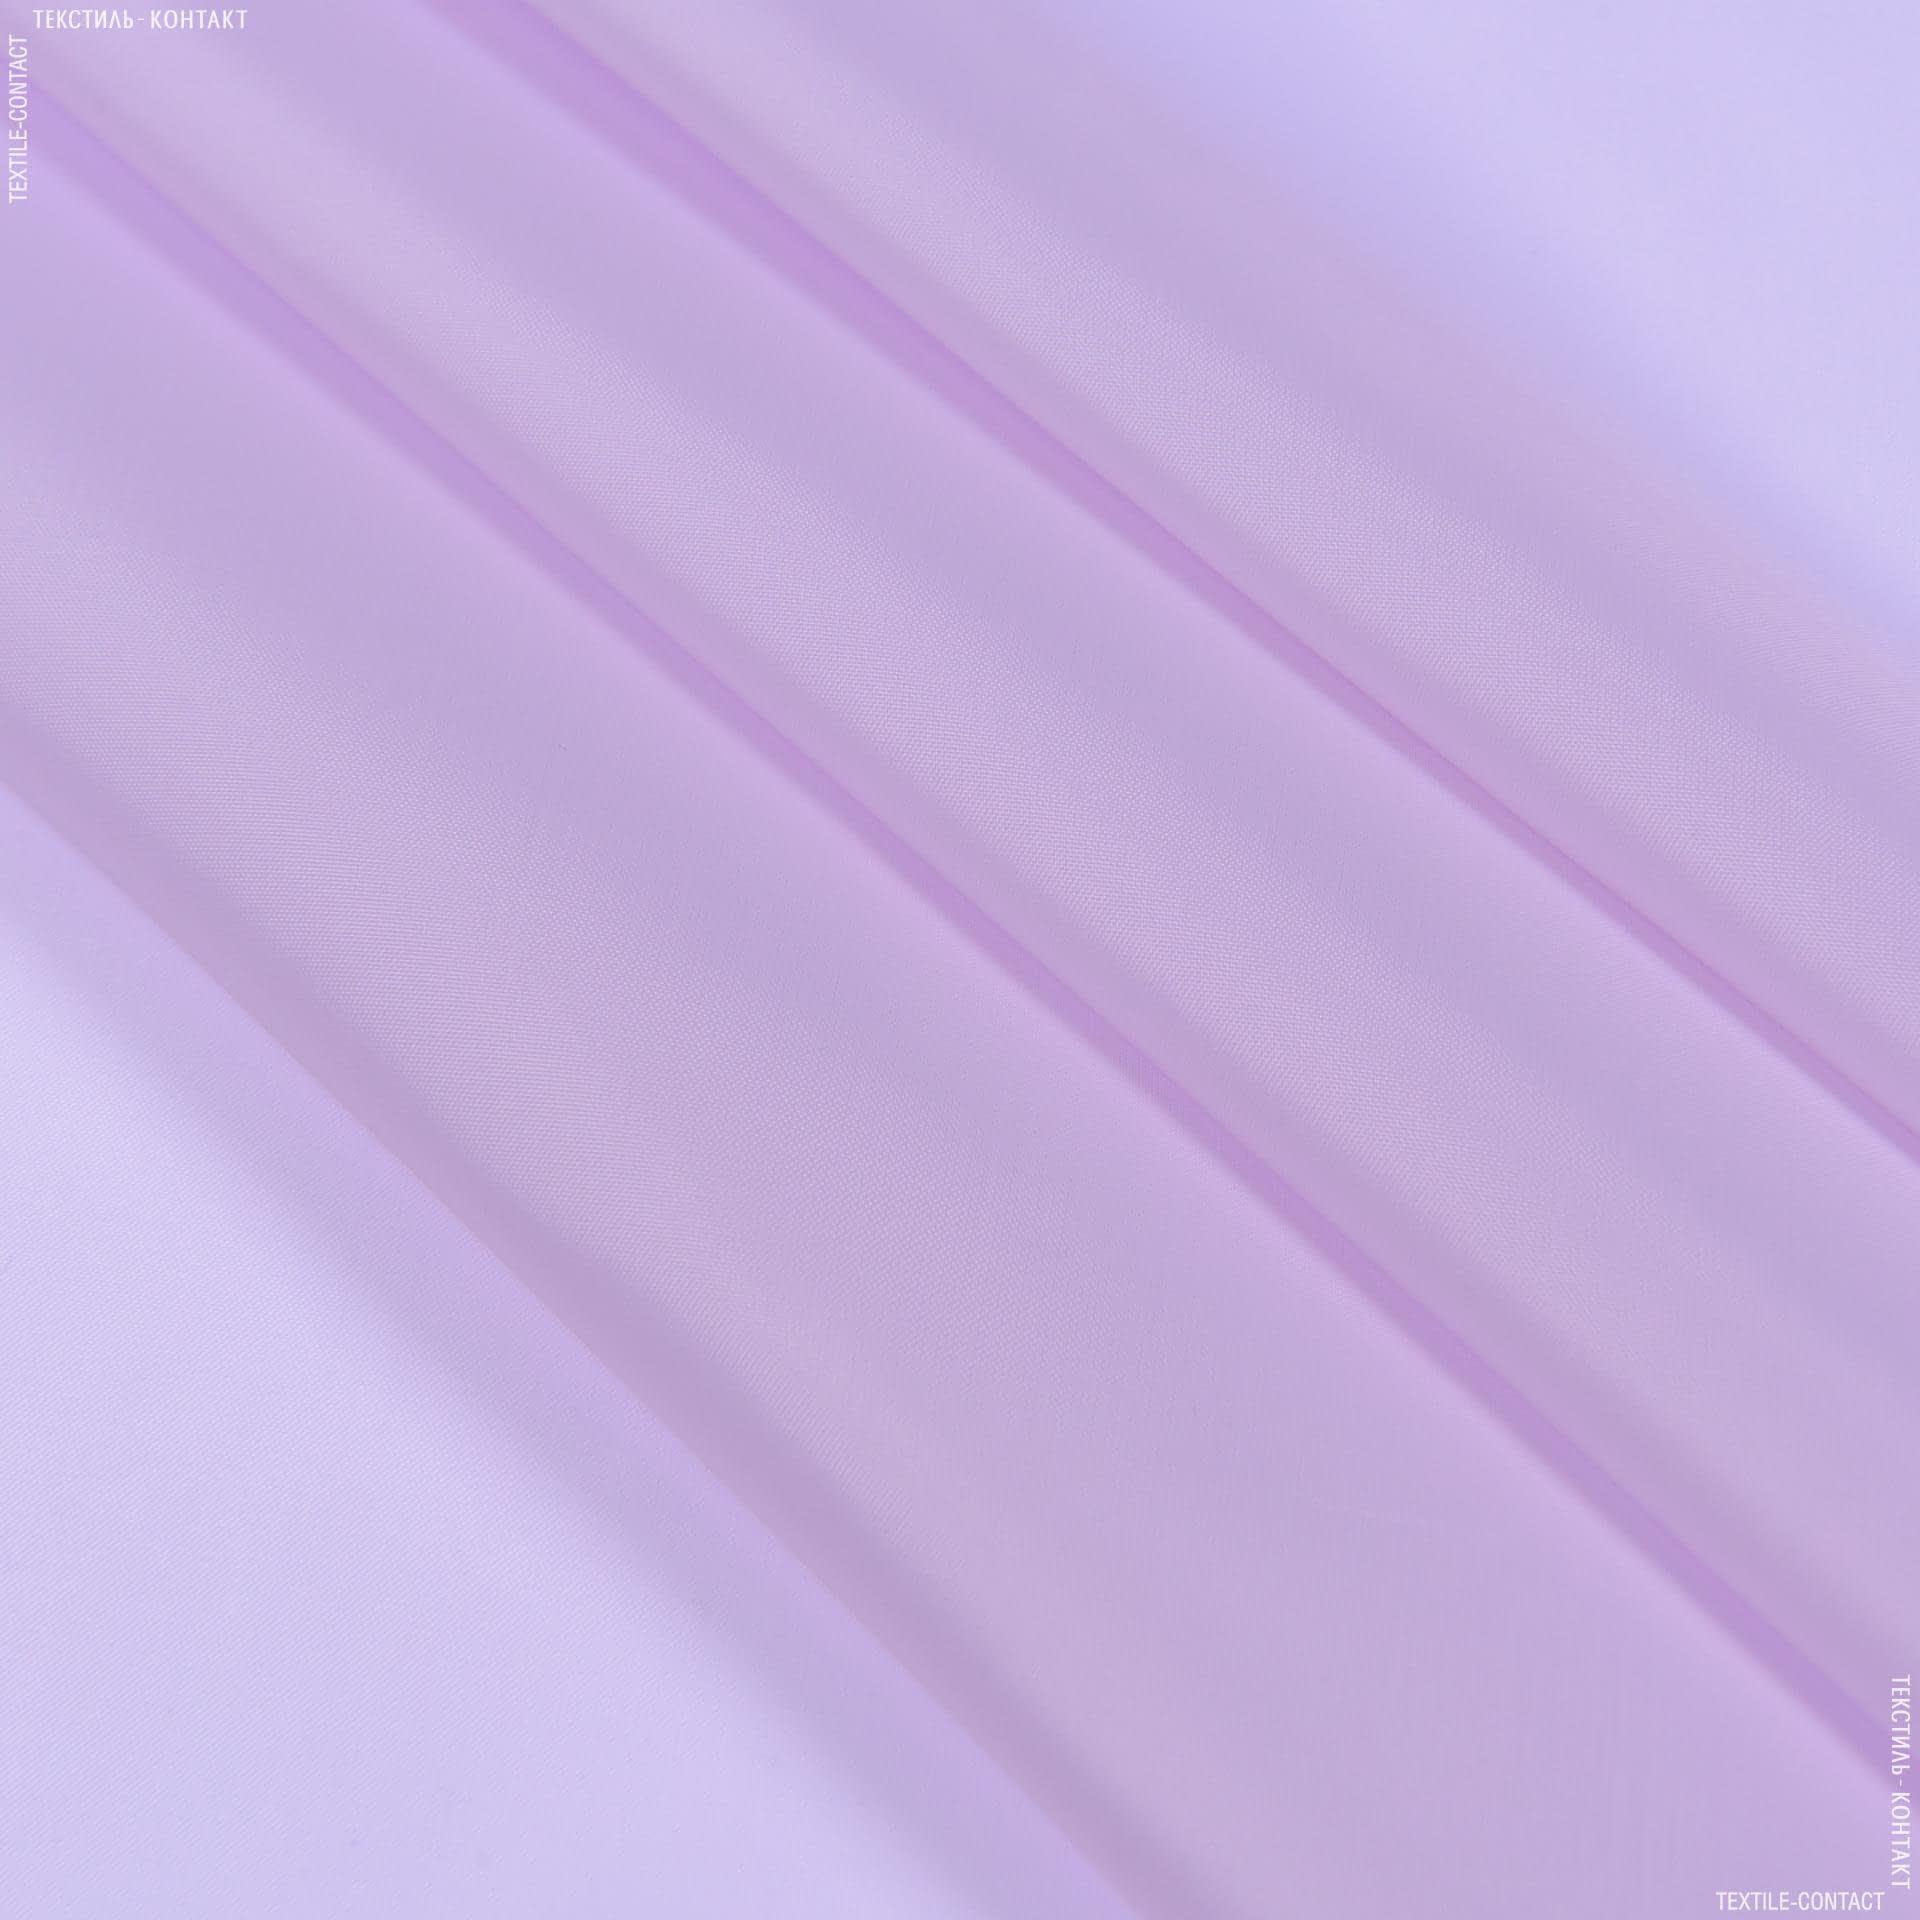 Ткани подкладочная ткань - Подкладка 190 светло-сиреневый